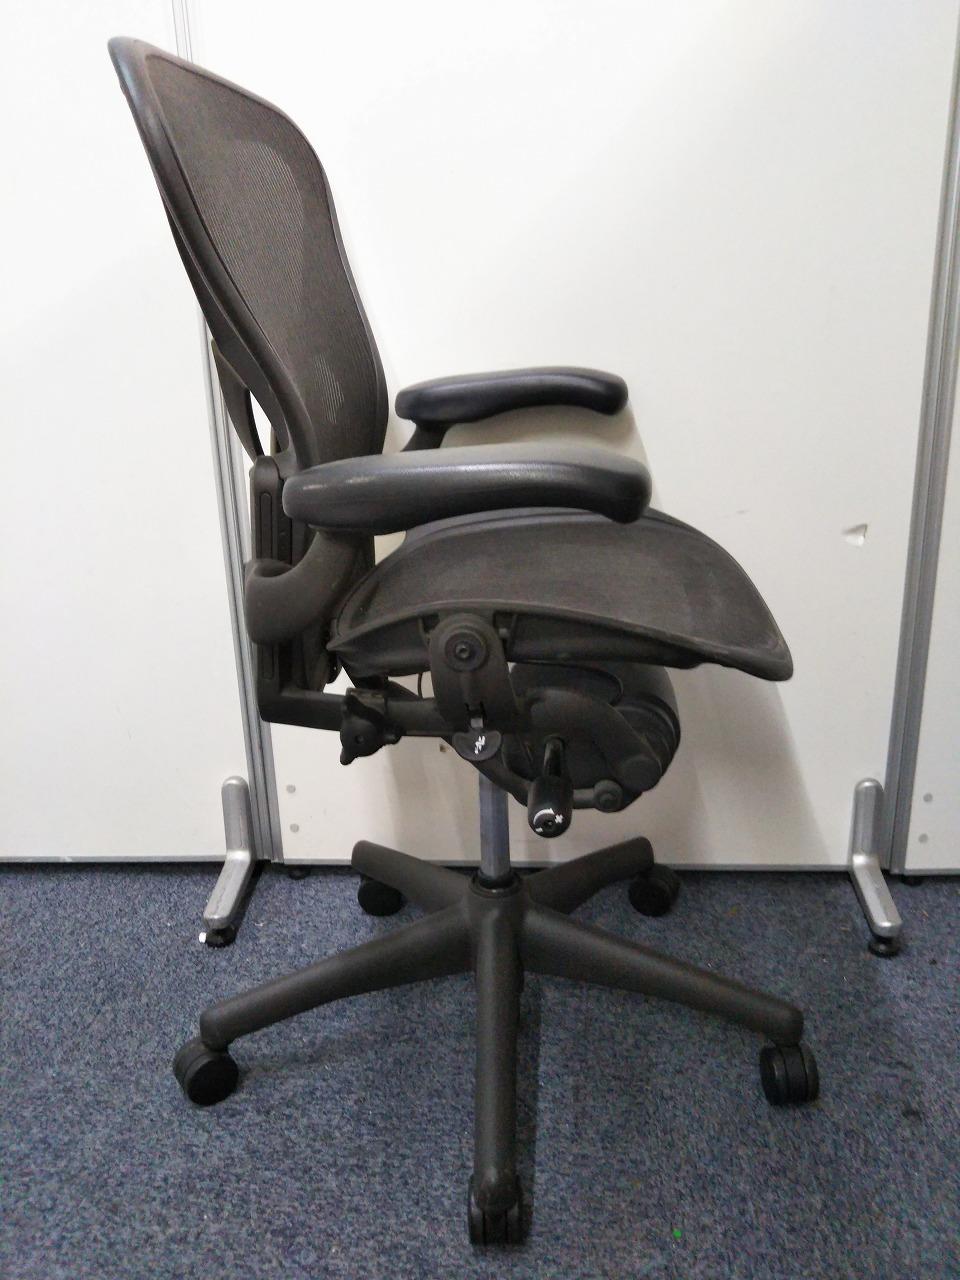 【高級チェアの代名詞】ハーマンミラー製 アーロンチェア【9脚入荷】|アーロンチェア[Aeron chair](中古)